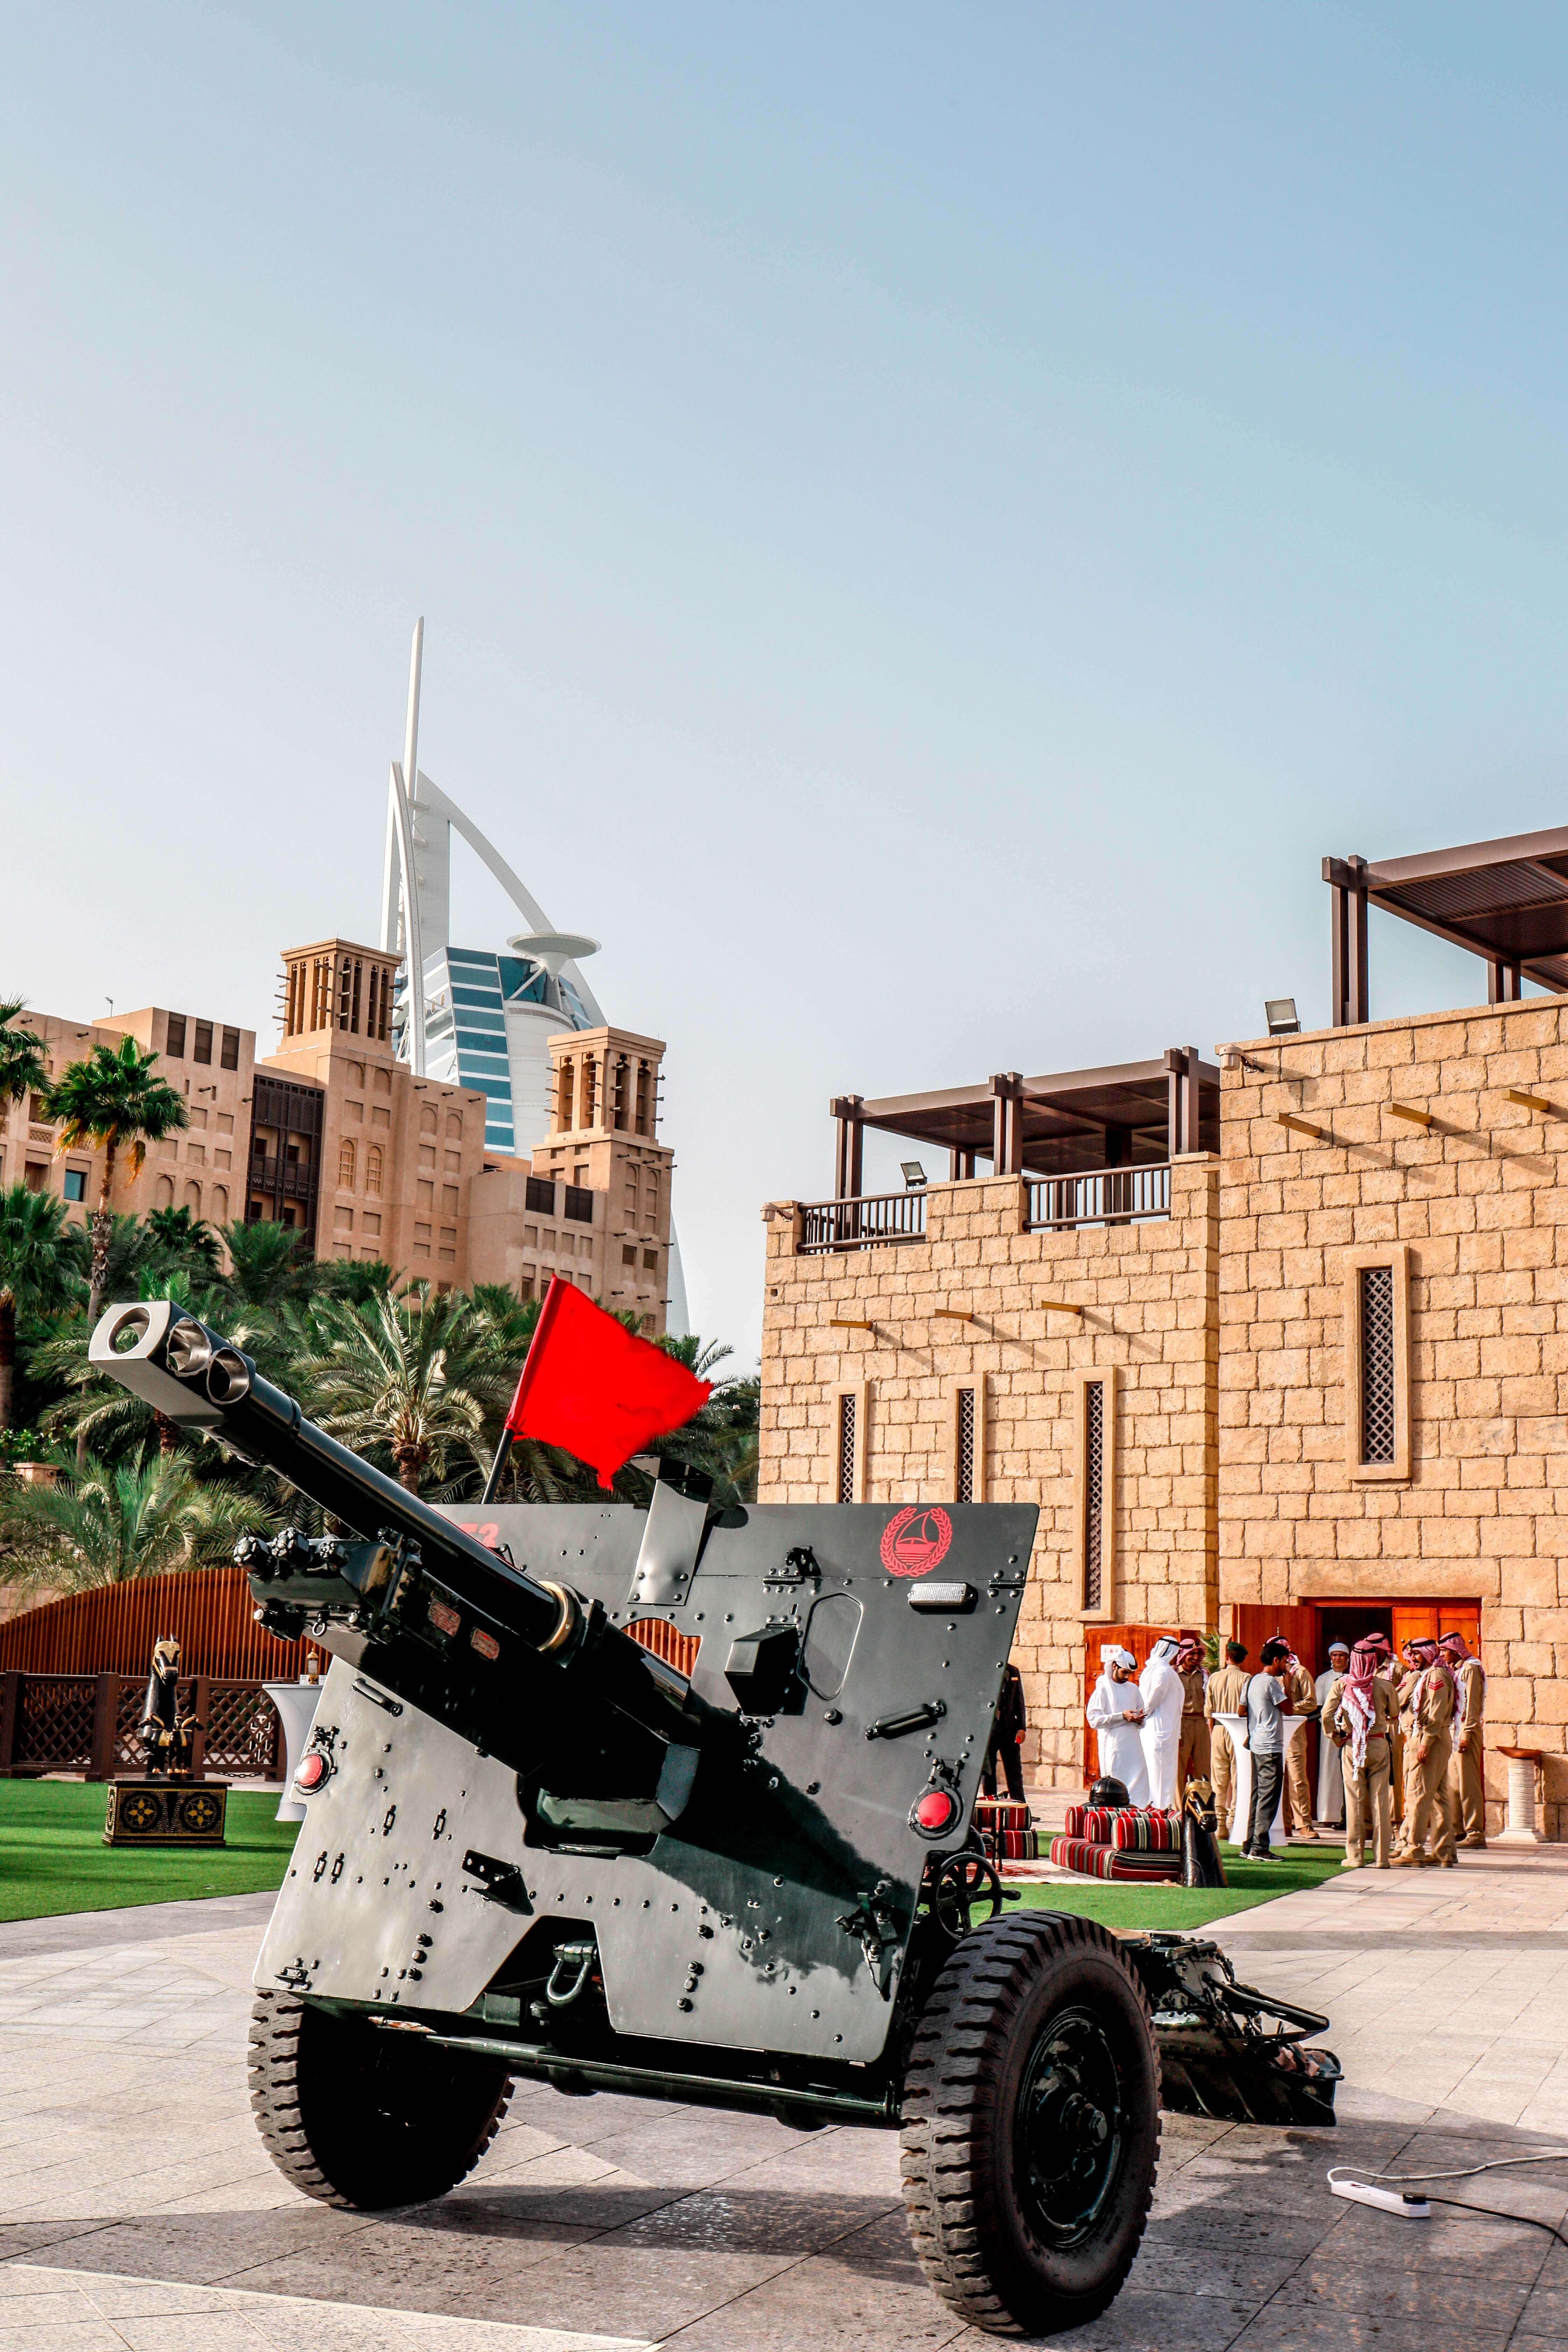 مدينة جميرا دبي تحتضن مدفع شهر رمضان الكريم 2019